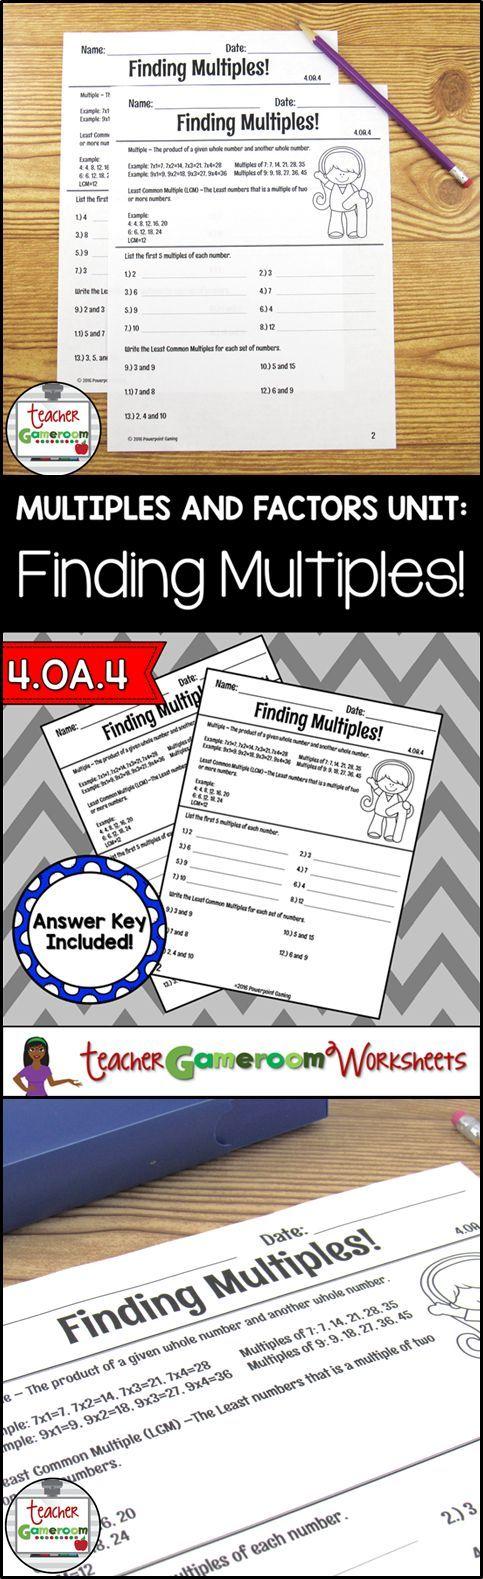 Finding Multiples Worksheets 4.OA.4 Elementary teacher